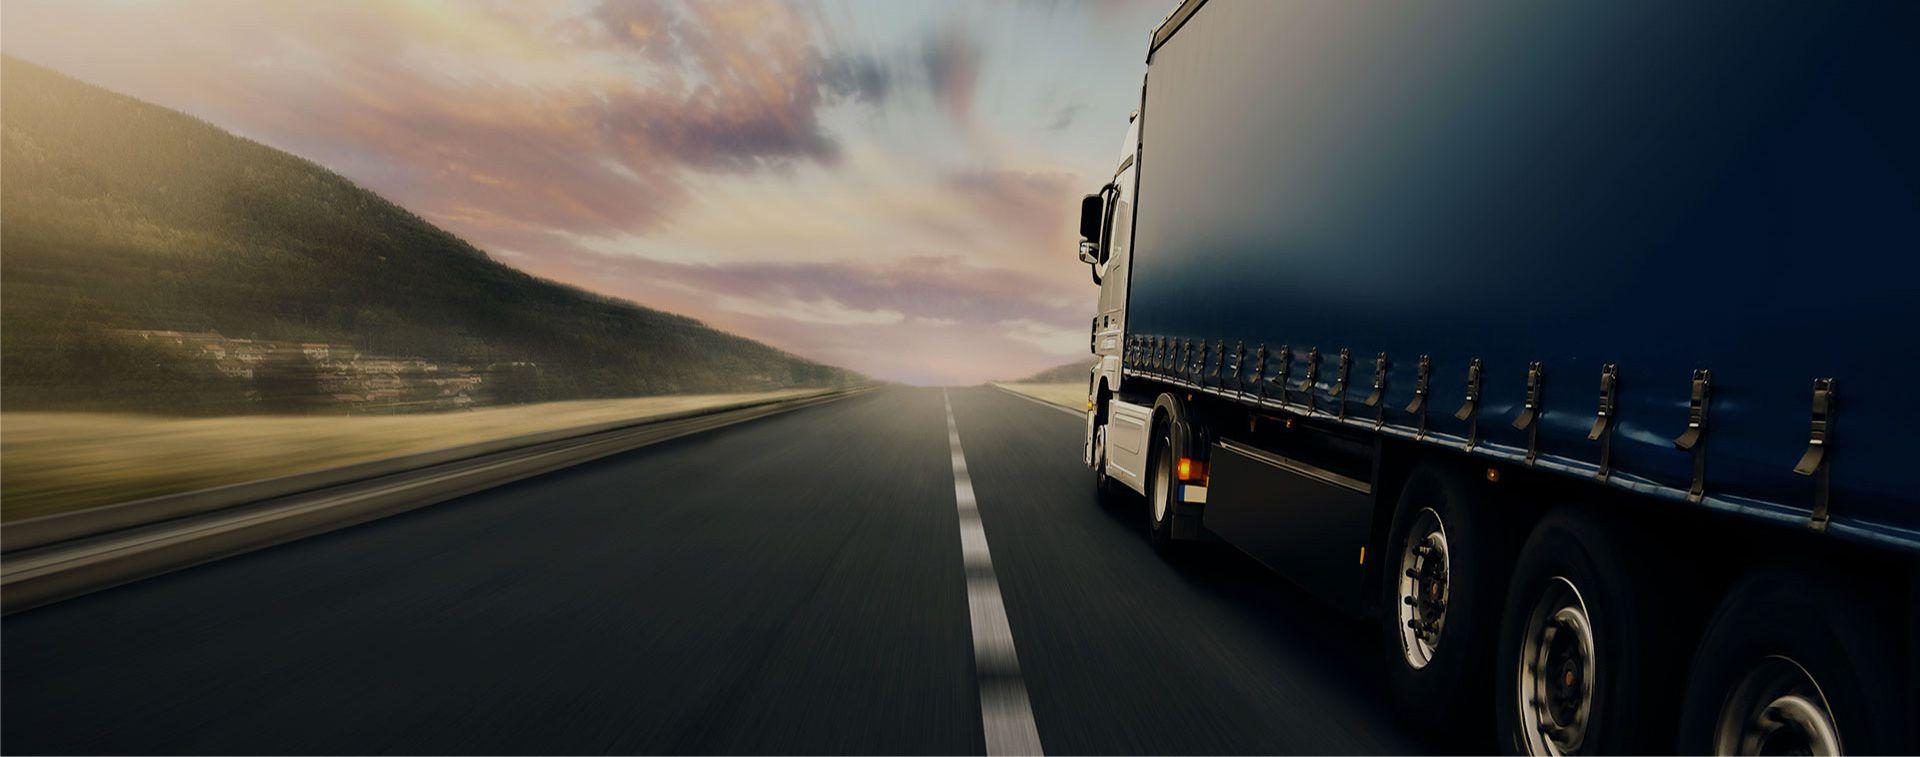 Your cargo is in good hands!